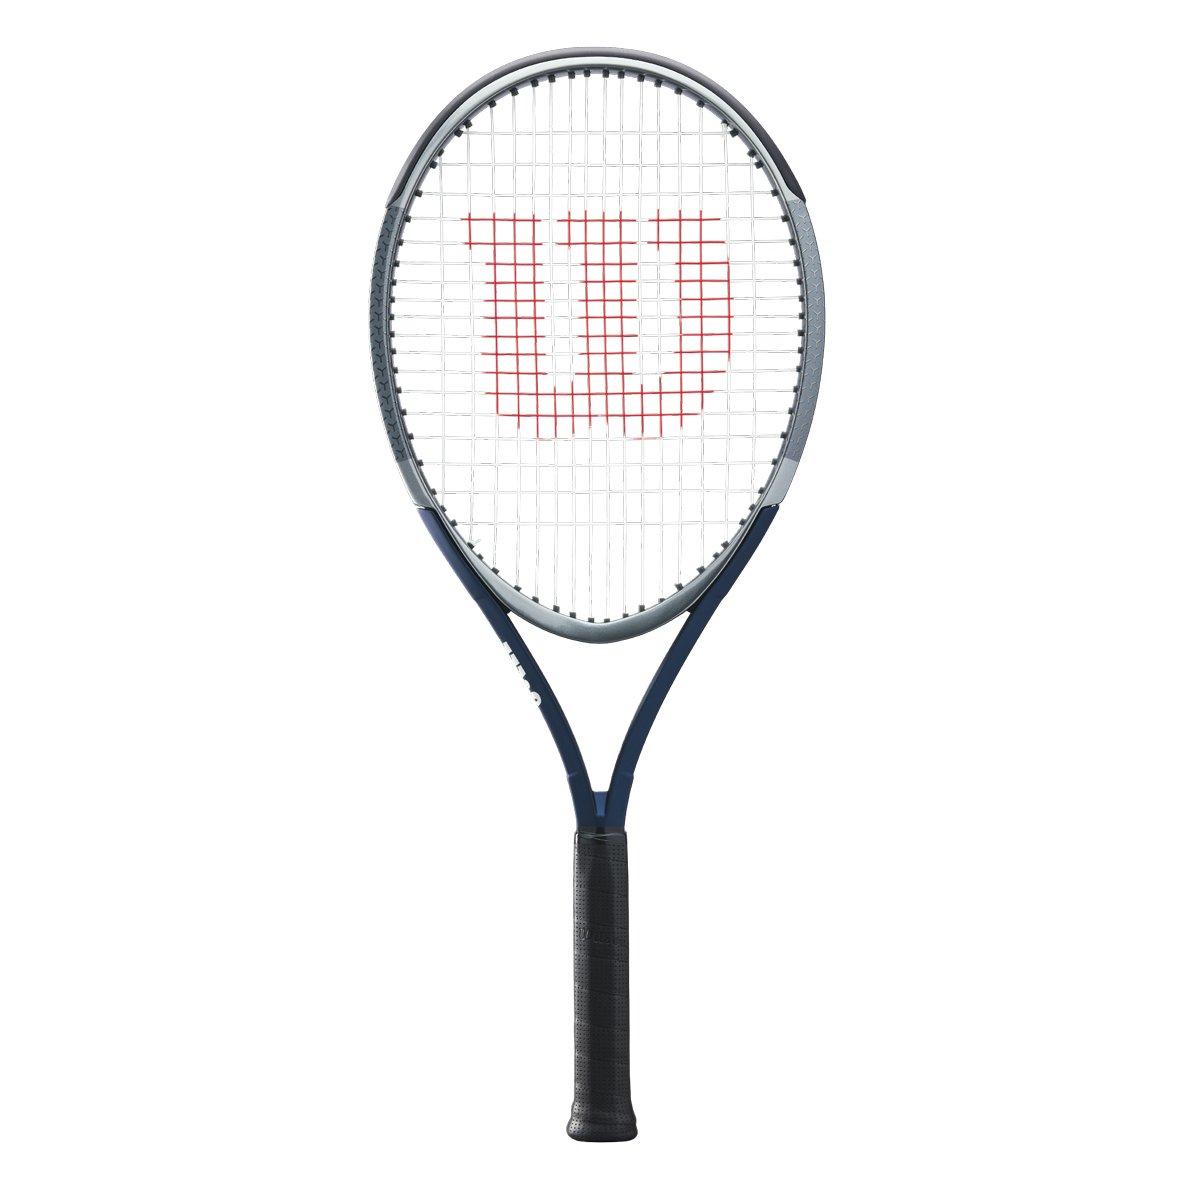 Wilson(ウイルソン) テニスラケット TRIAD XP 3 (トライアドXP3) フレームのみ WRT737820 グリップサイズG2  B075L769RF